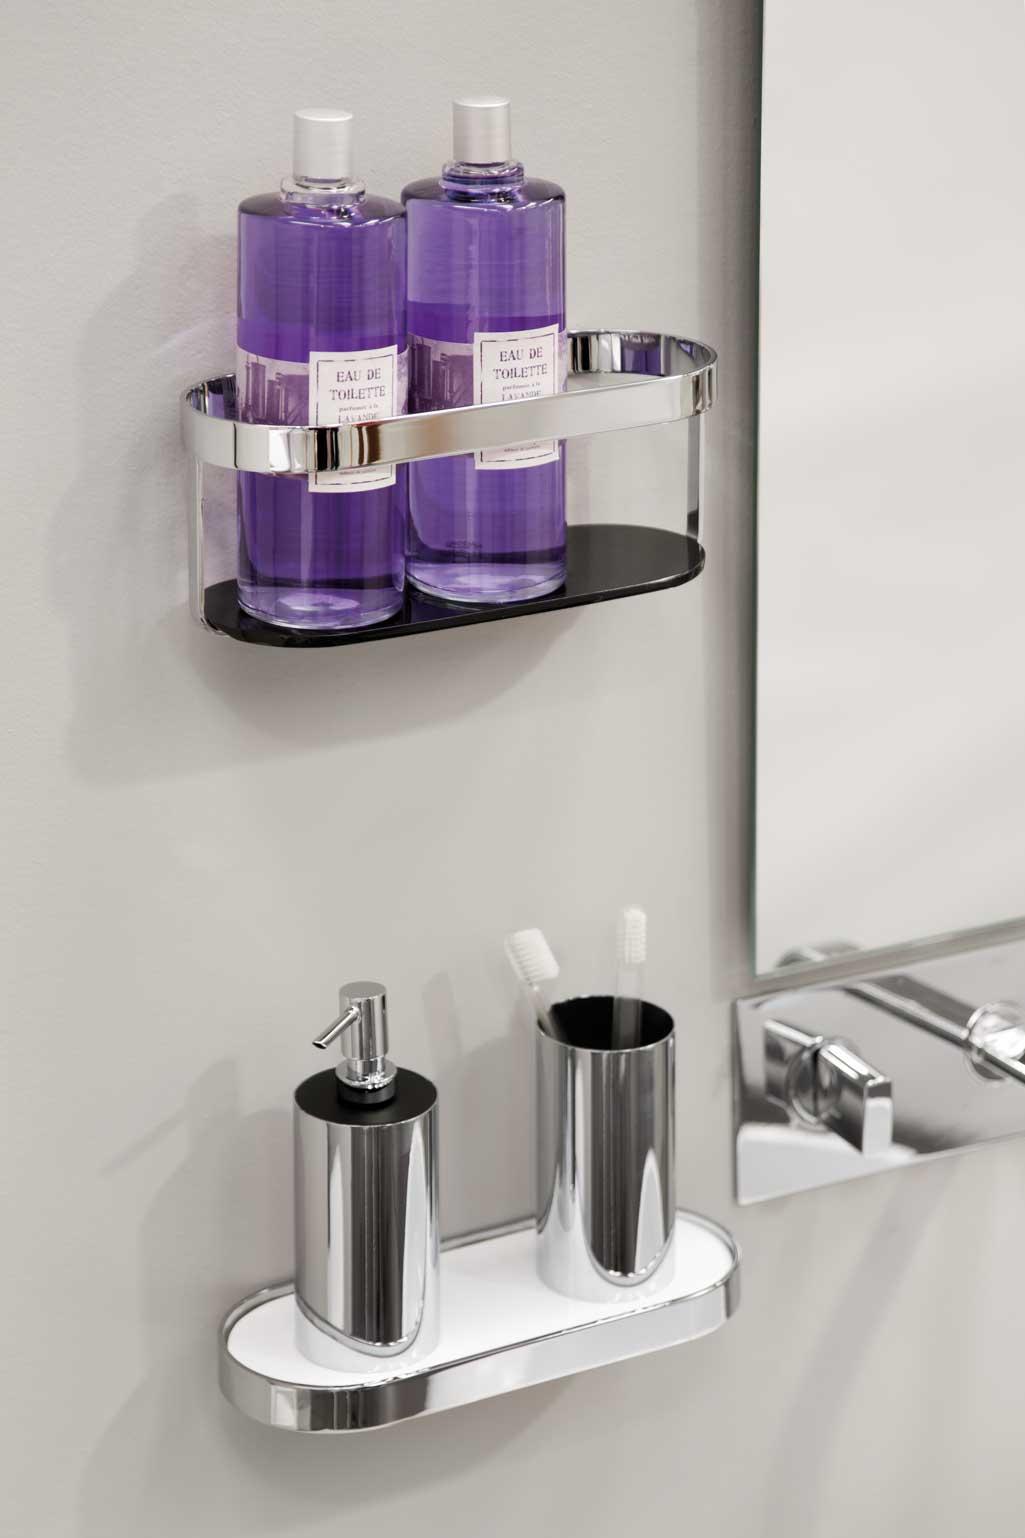 eaa93eb28ae01 Accesorios de baño que son dos repisas colocadas al lado del espejo. una  con jabones